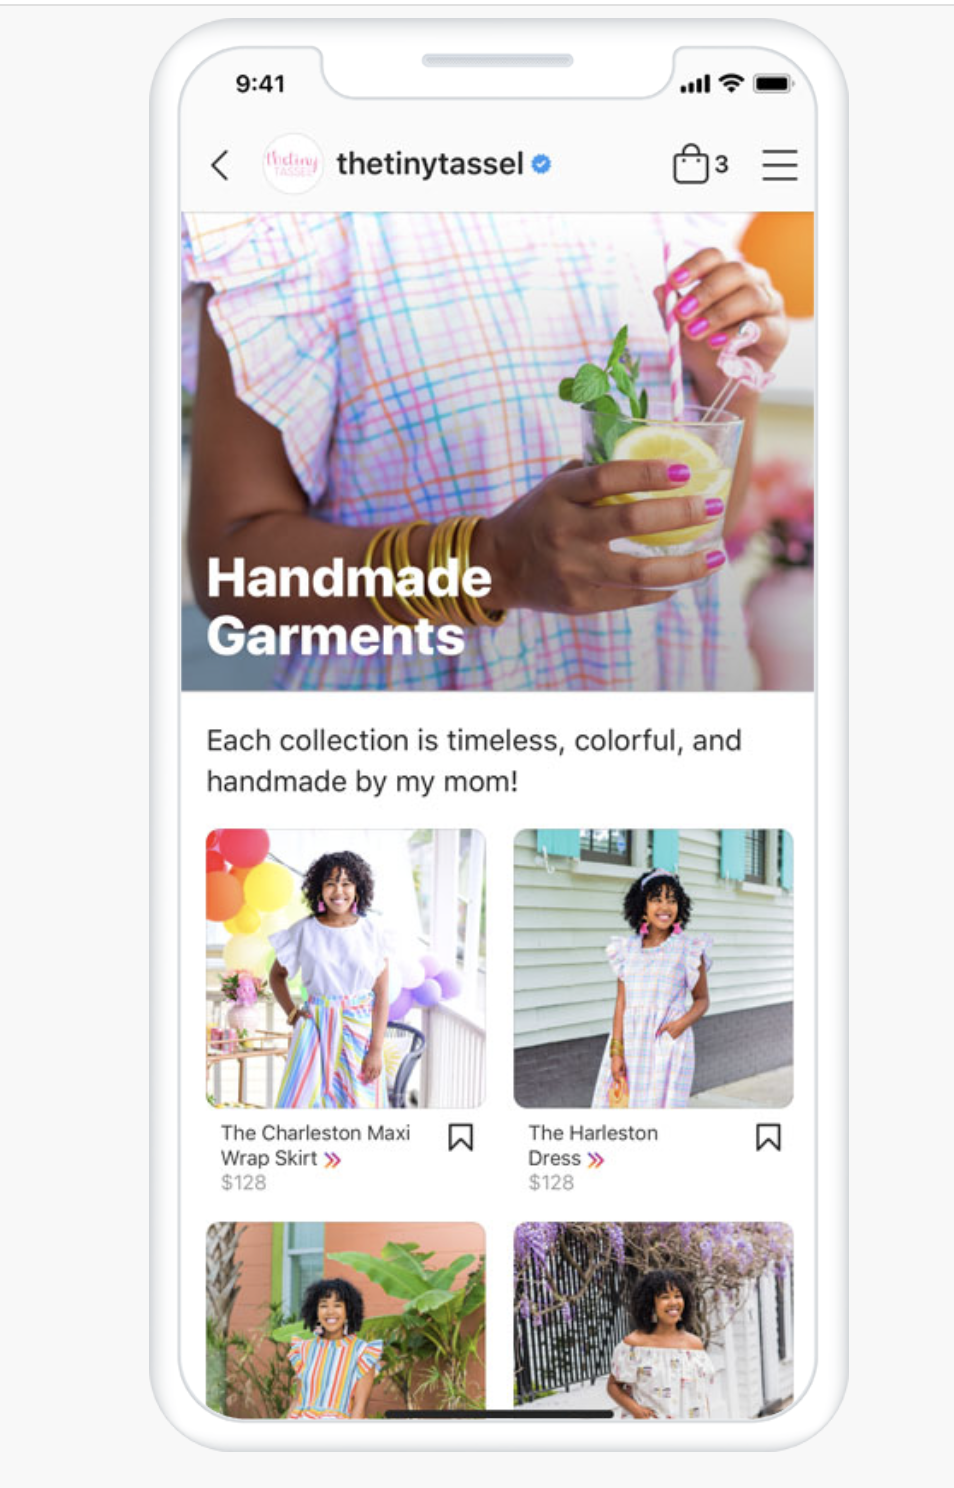 sample Instagram shop